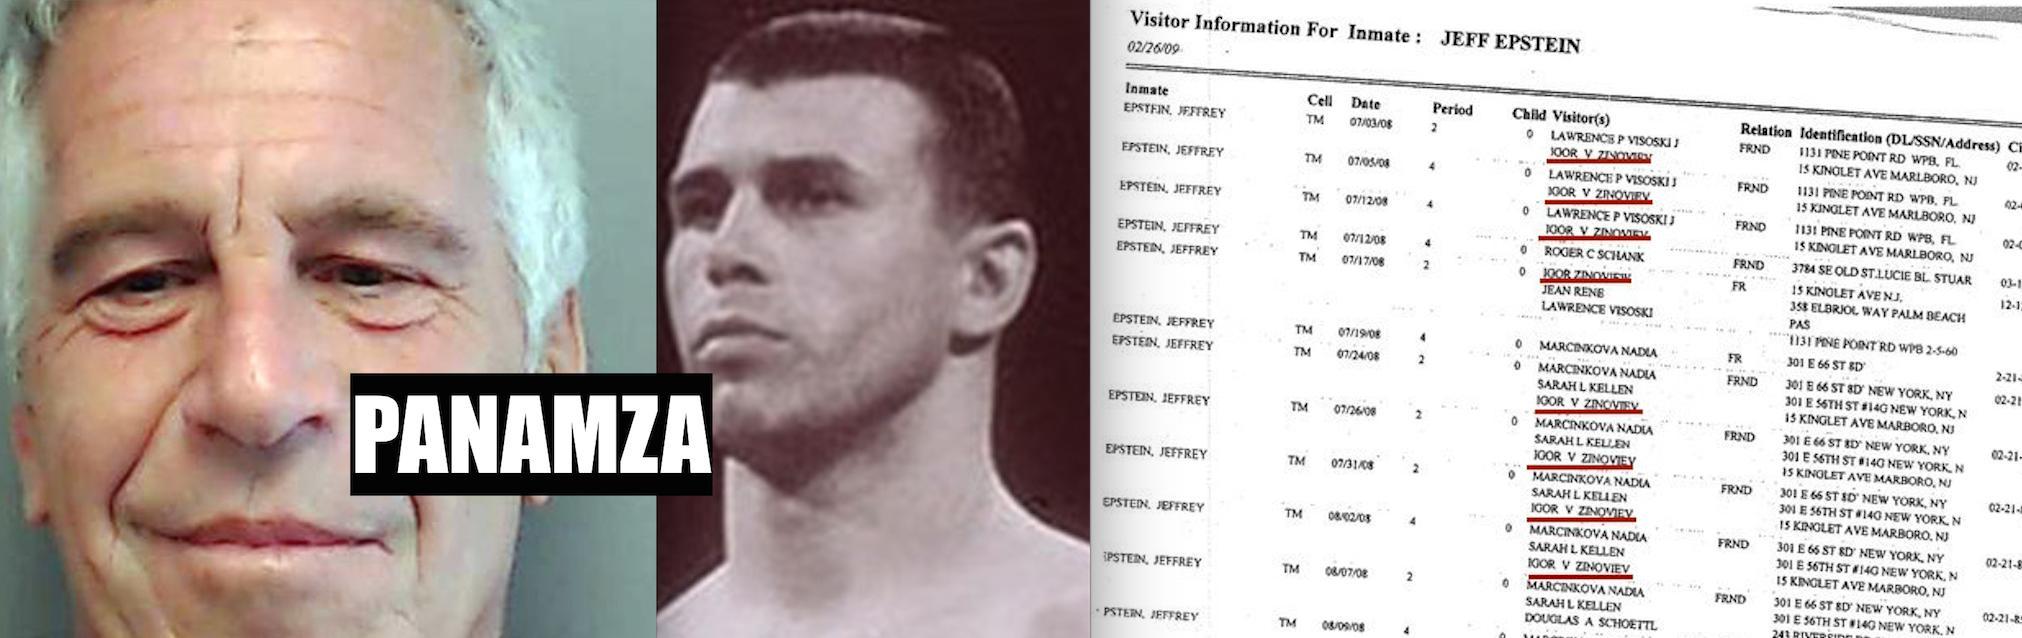 Terrorisé, le champion de MMA et bodyguard d'Epstein ne croit pas au suicide